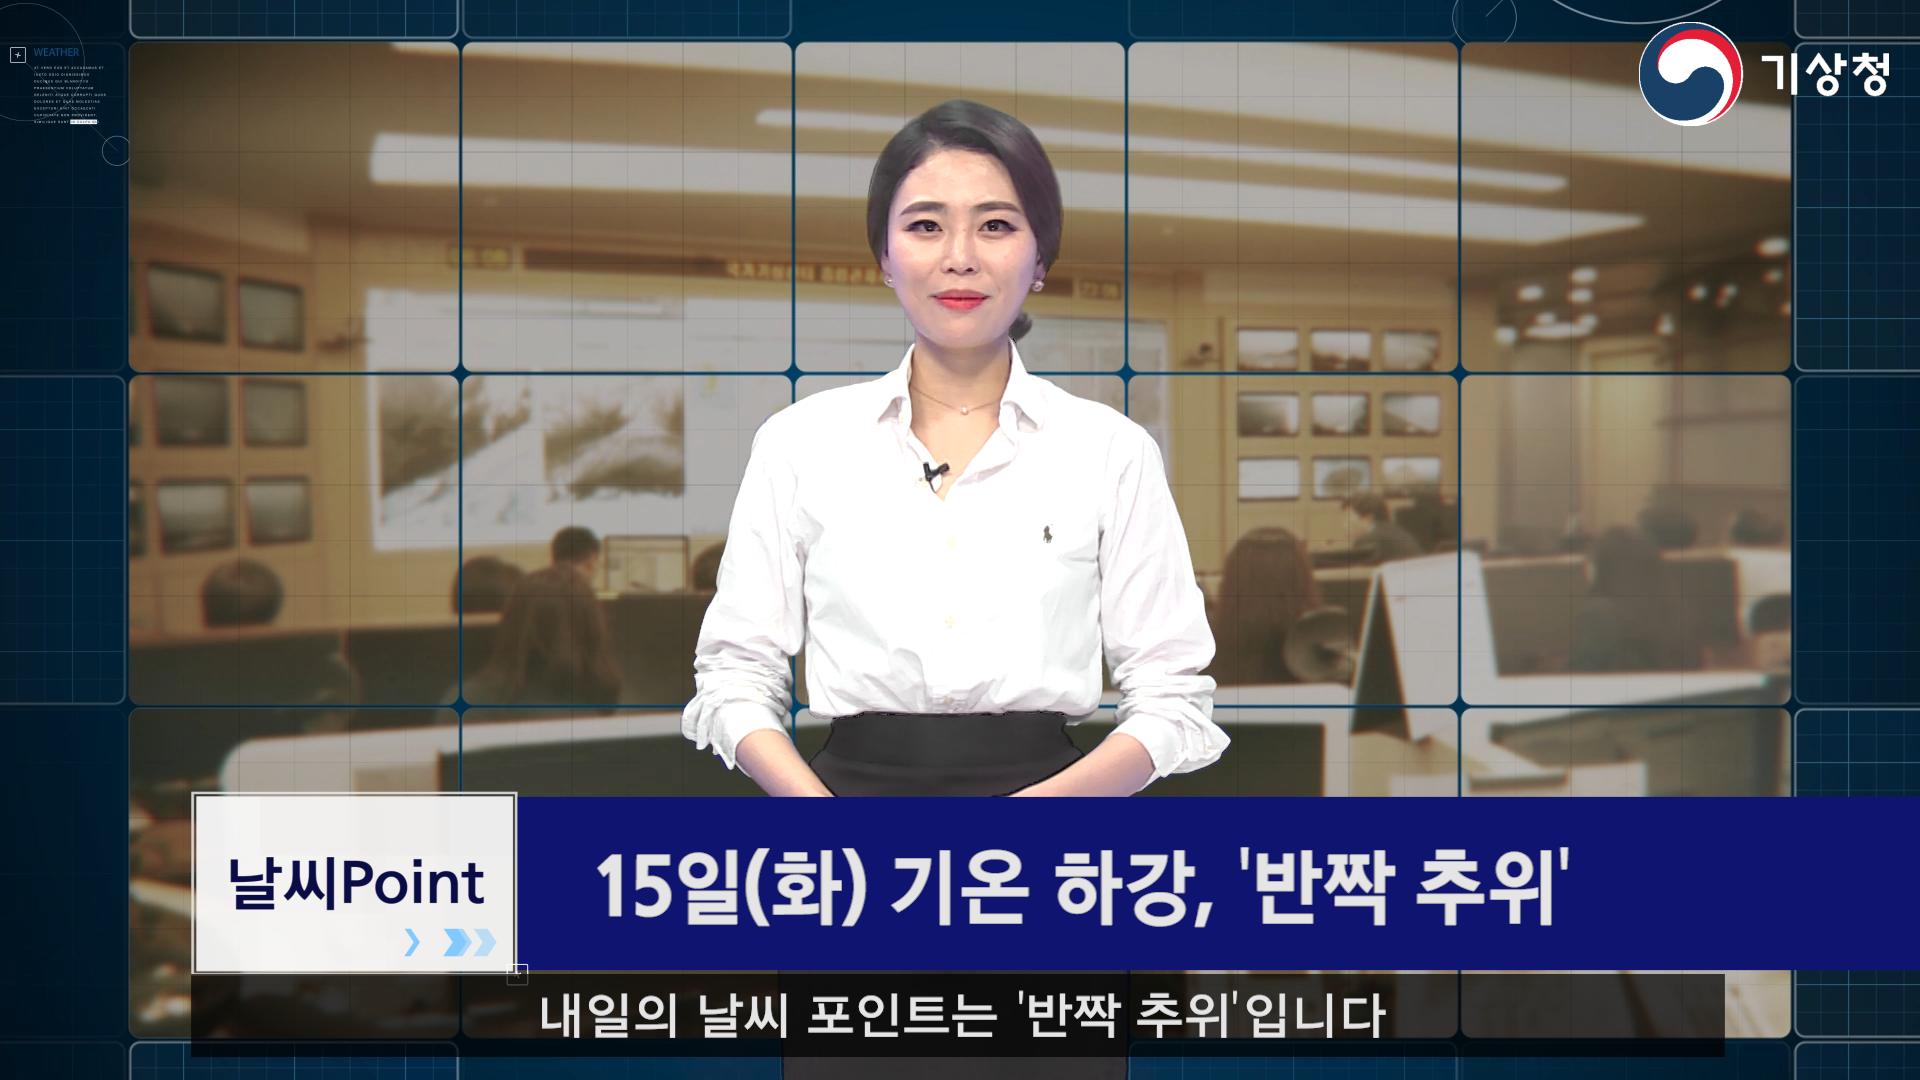 [날씨터치Q_2019년 1월11일] 15일(화) 기온 하강, '반짝 추위'